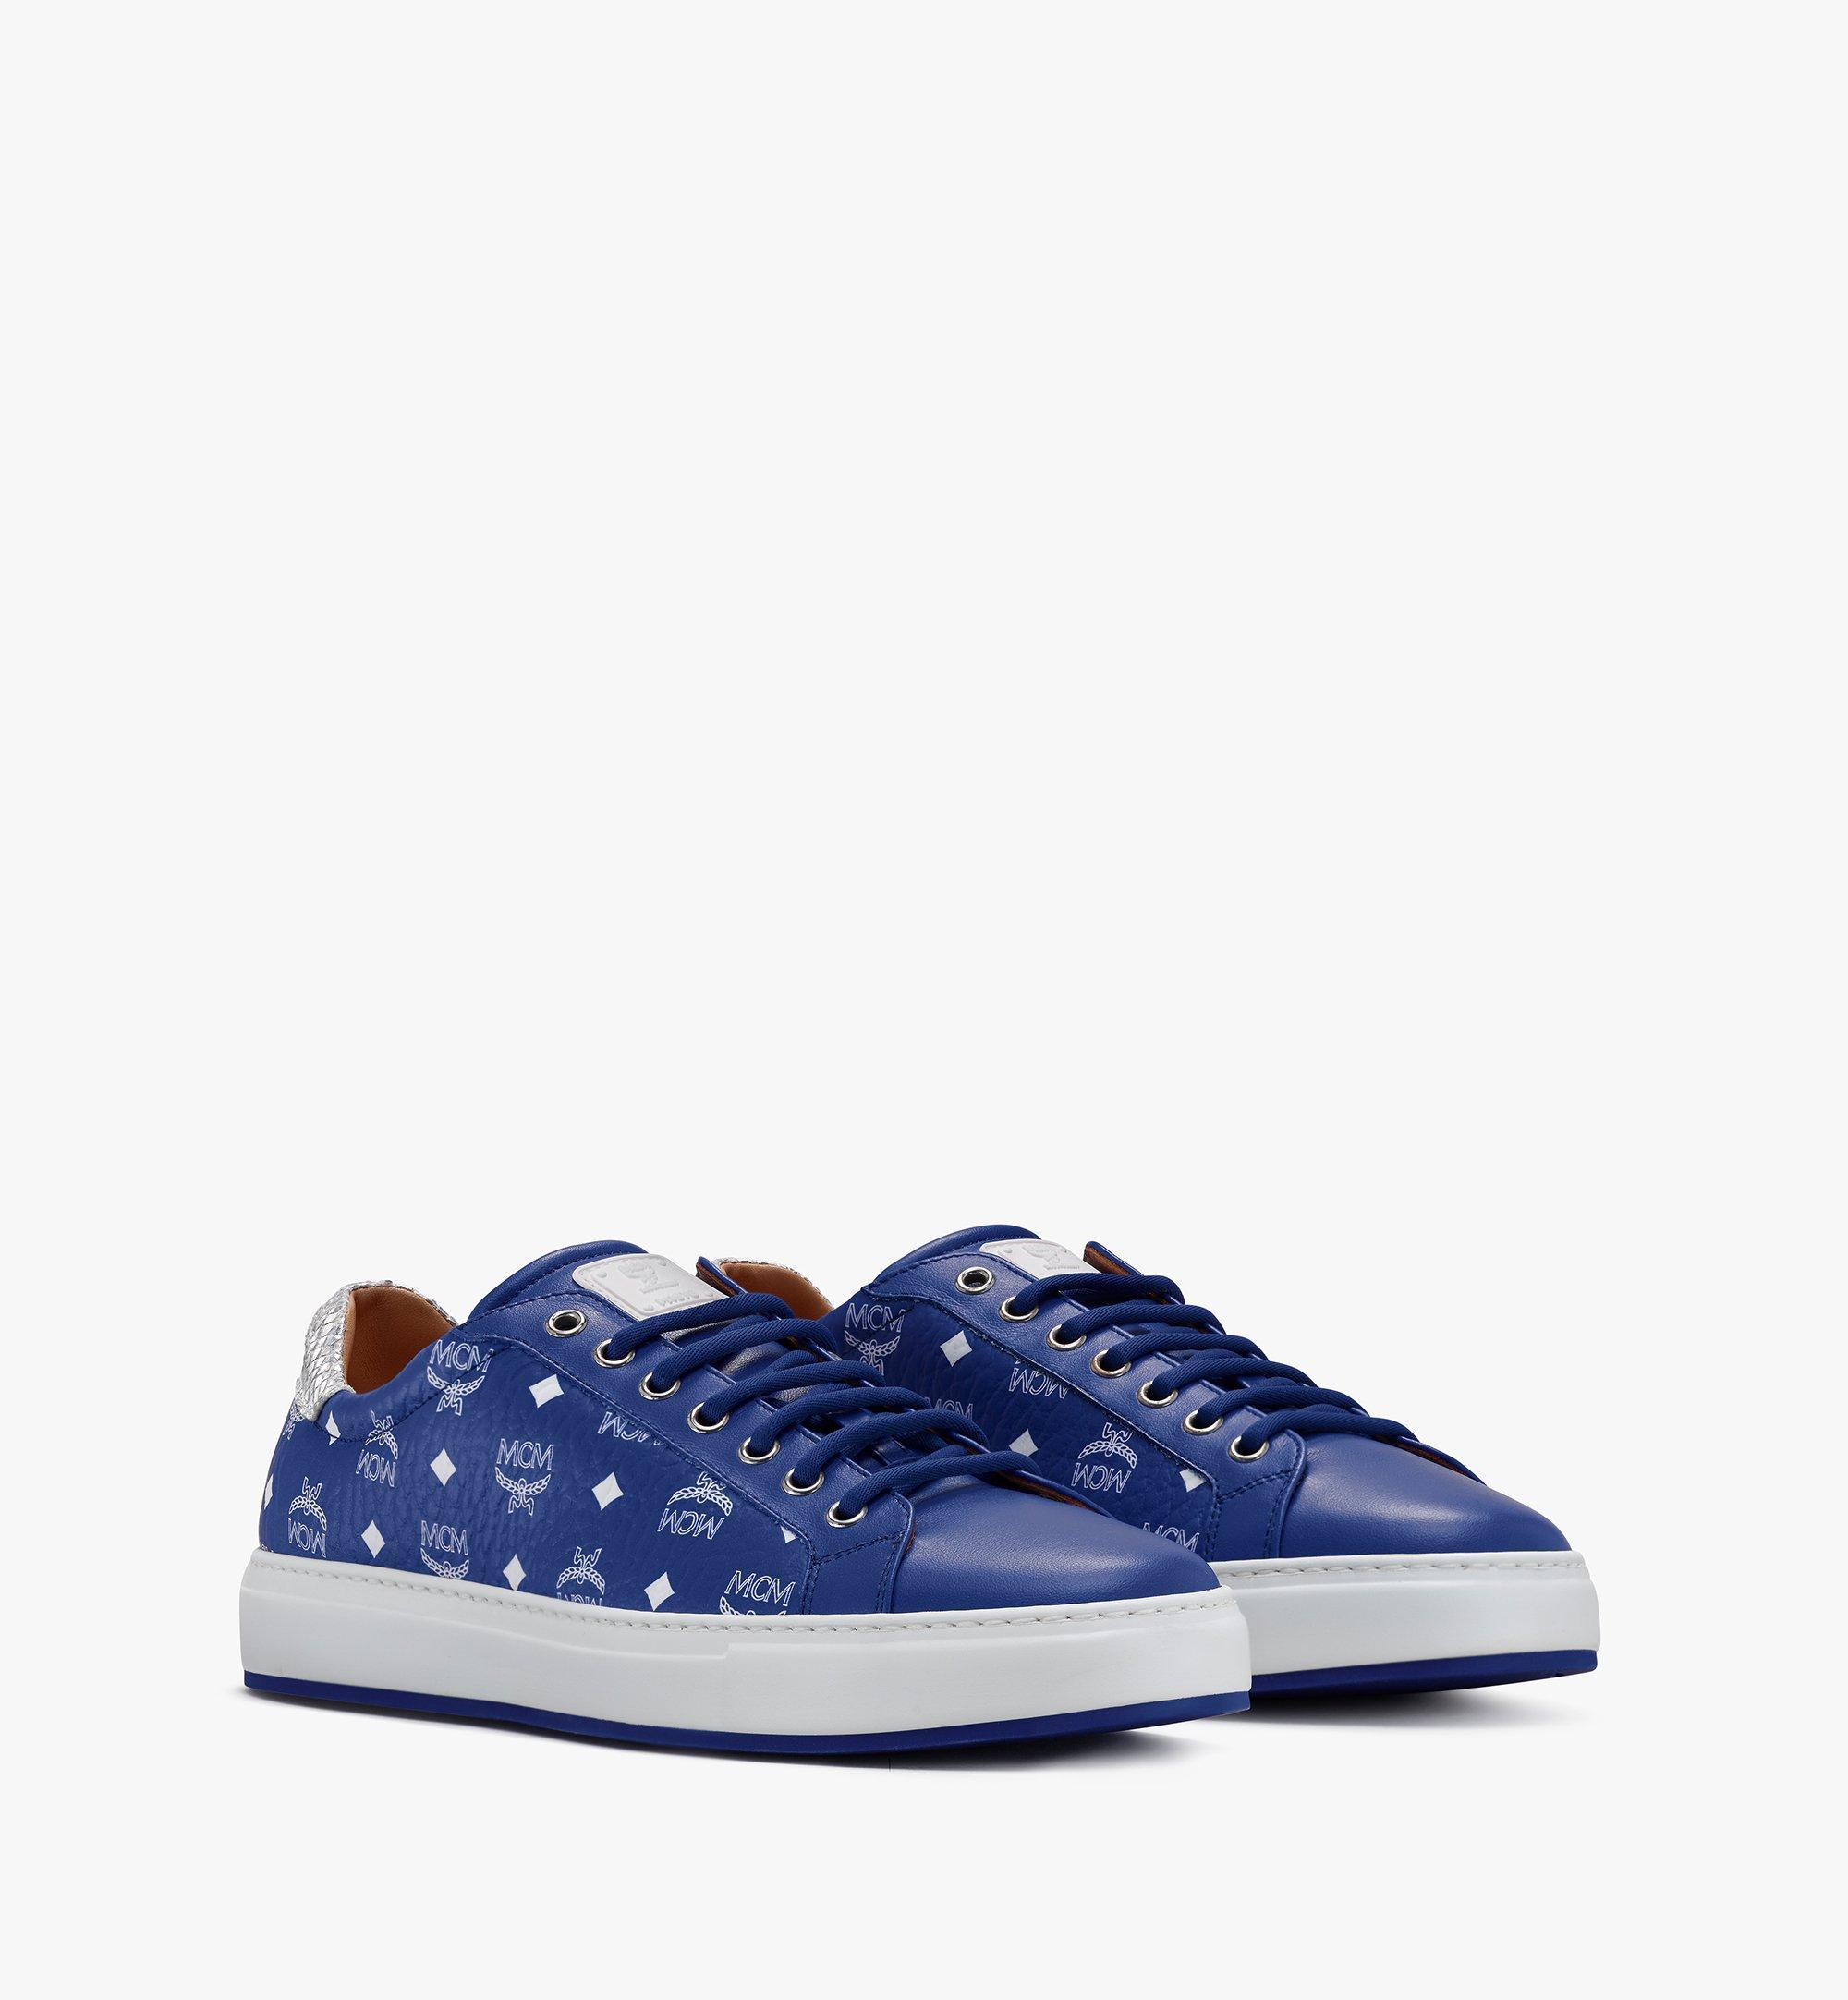 MCM Men's Low-Top Sneakers in Visetos Blue MEXASMM10H1042 Alternate View 1